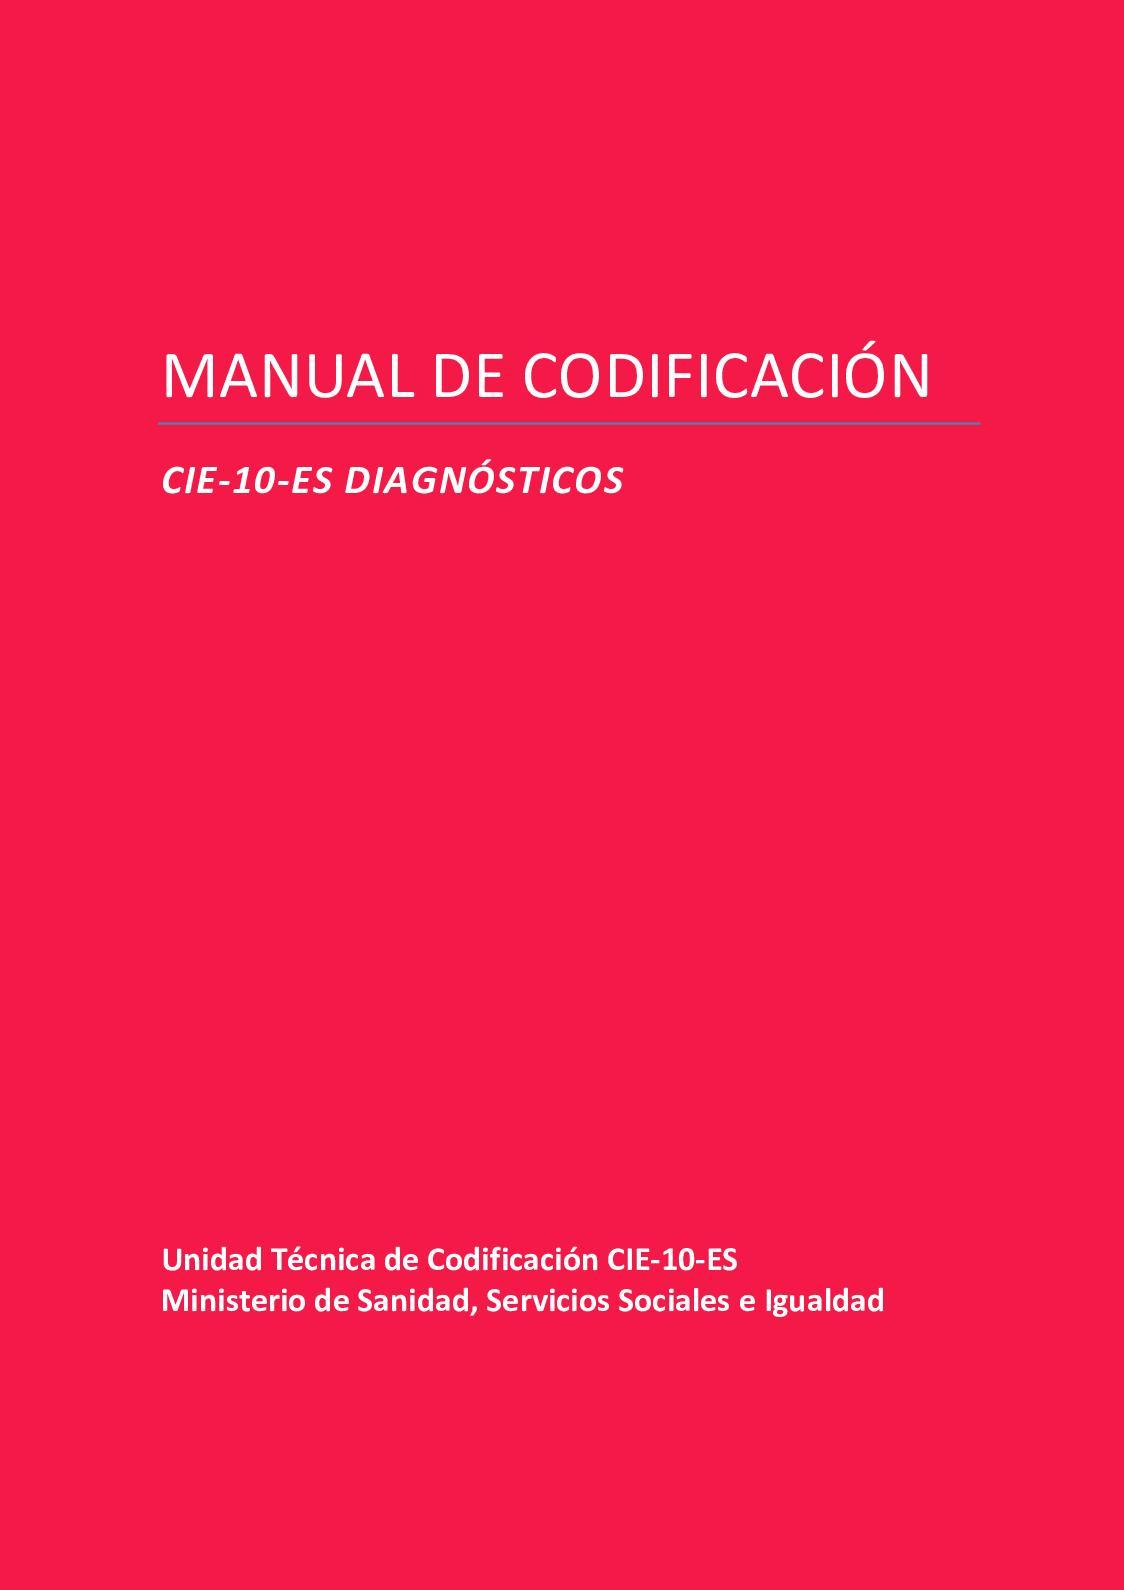 ¿Cuál es el código ICD 9 para la diabetes inducida por esteroides?